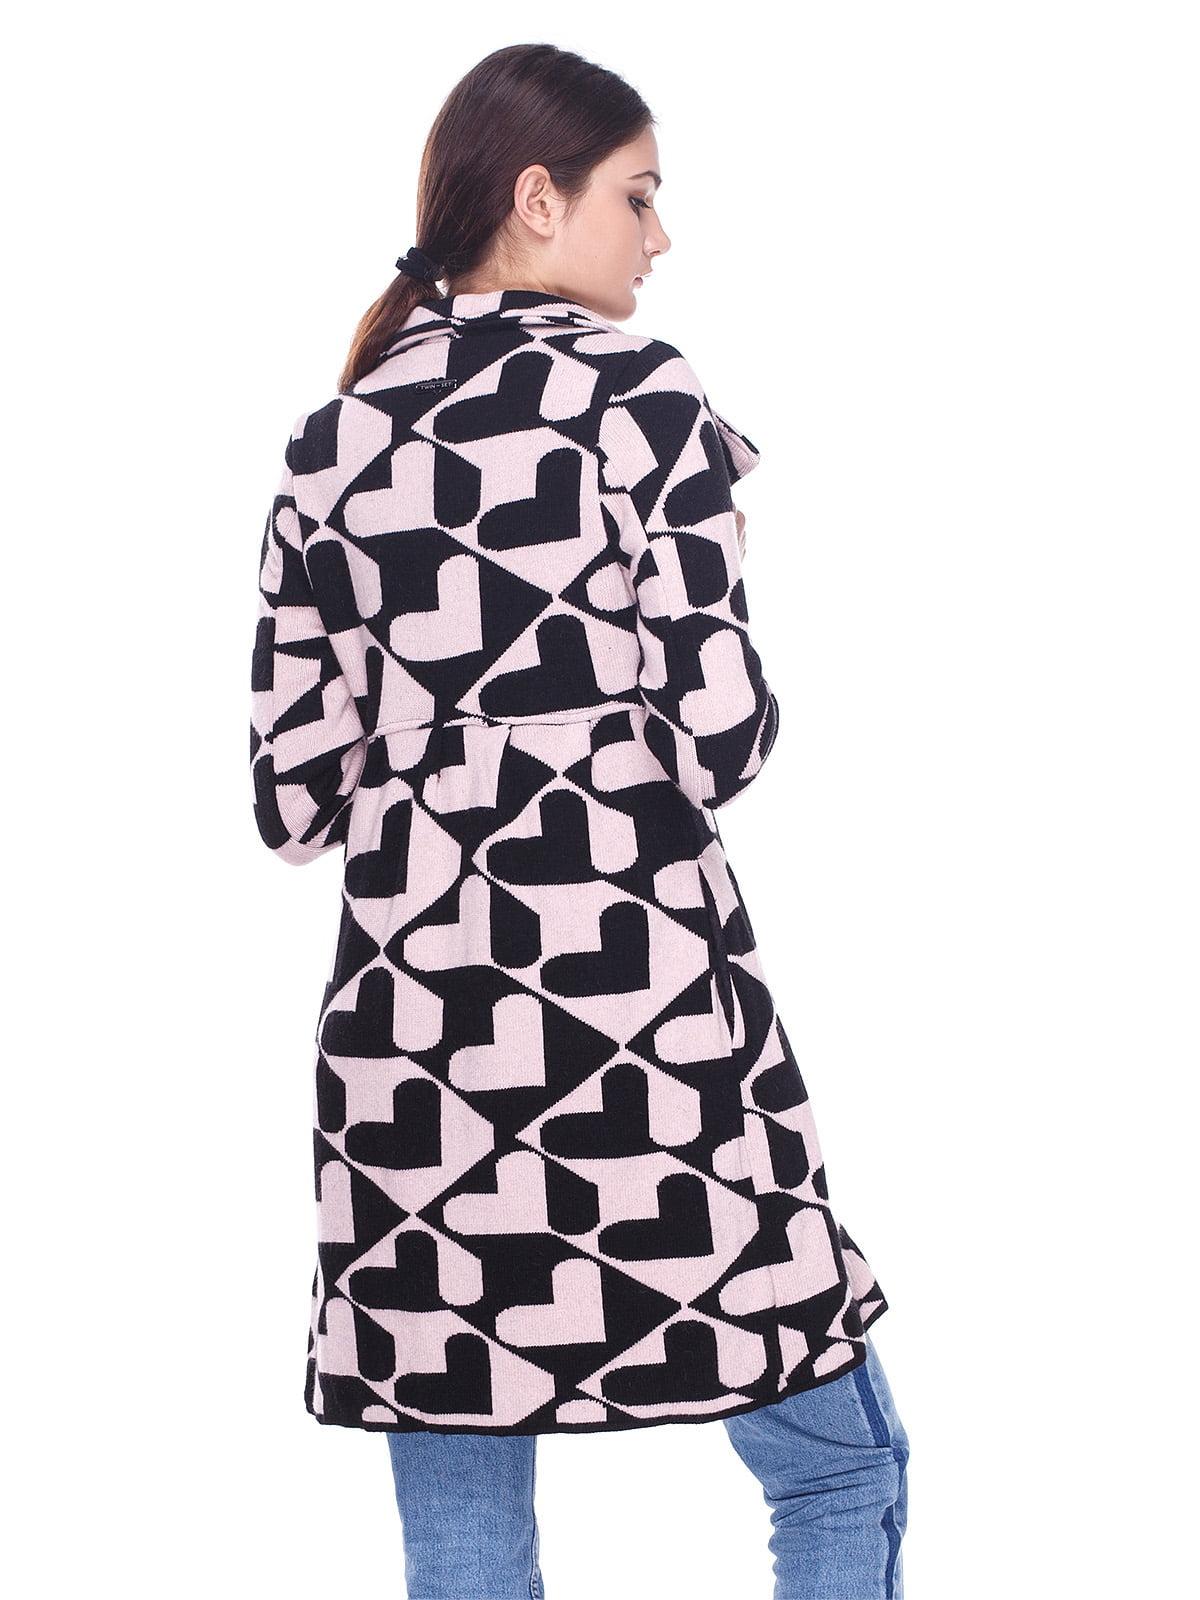 Пальто розово-черное в принт | 2997435 | фото 2